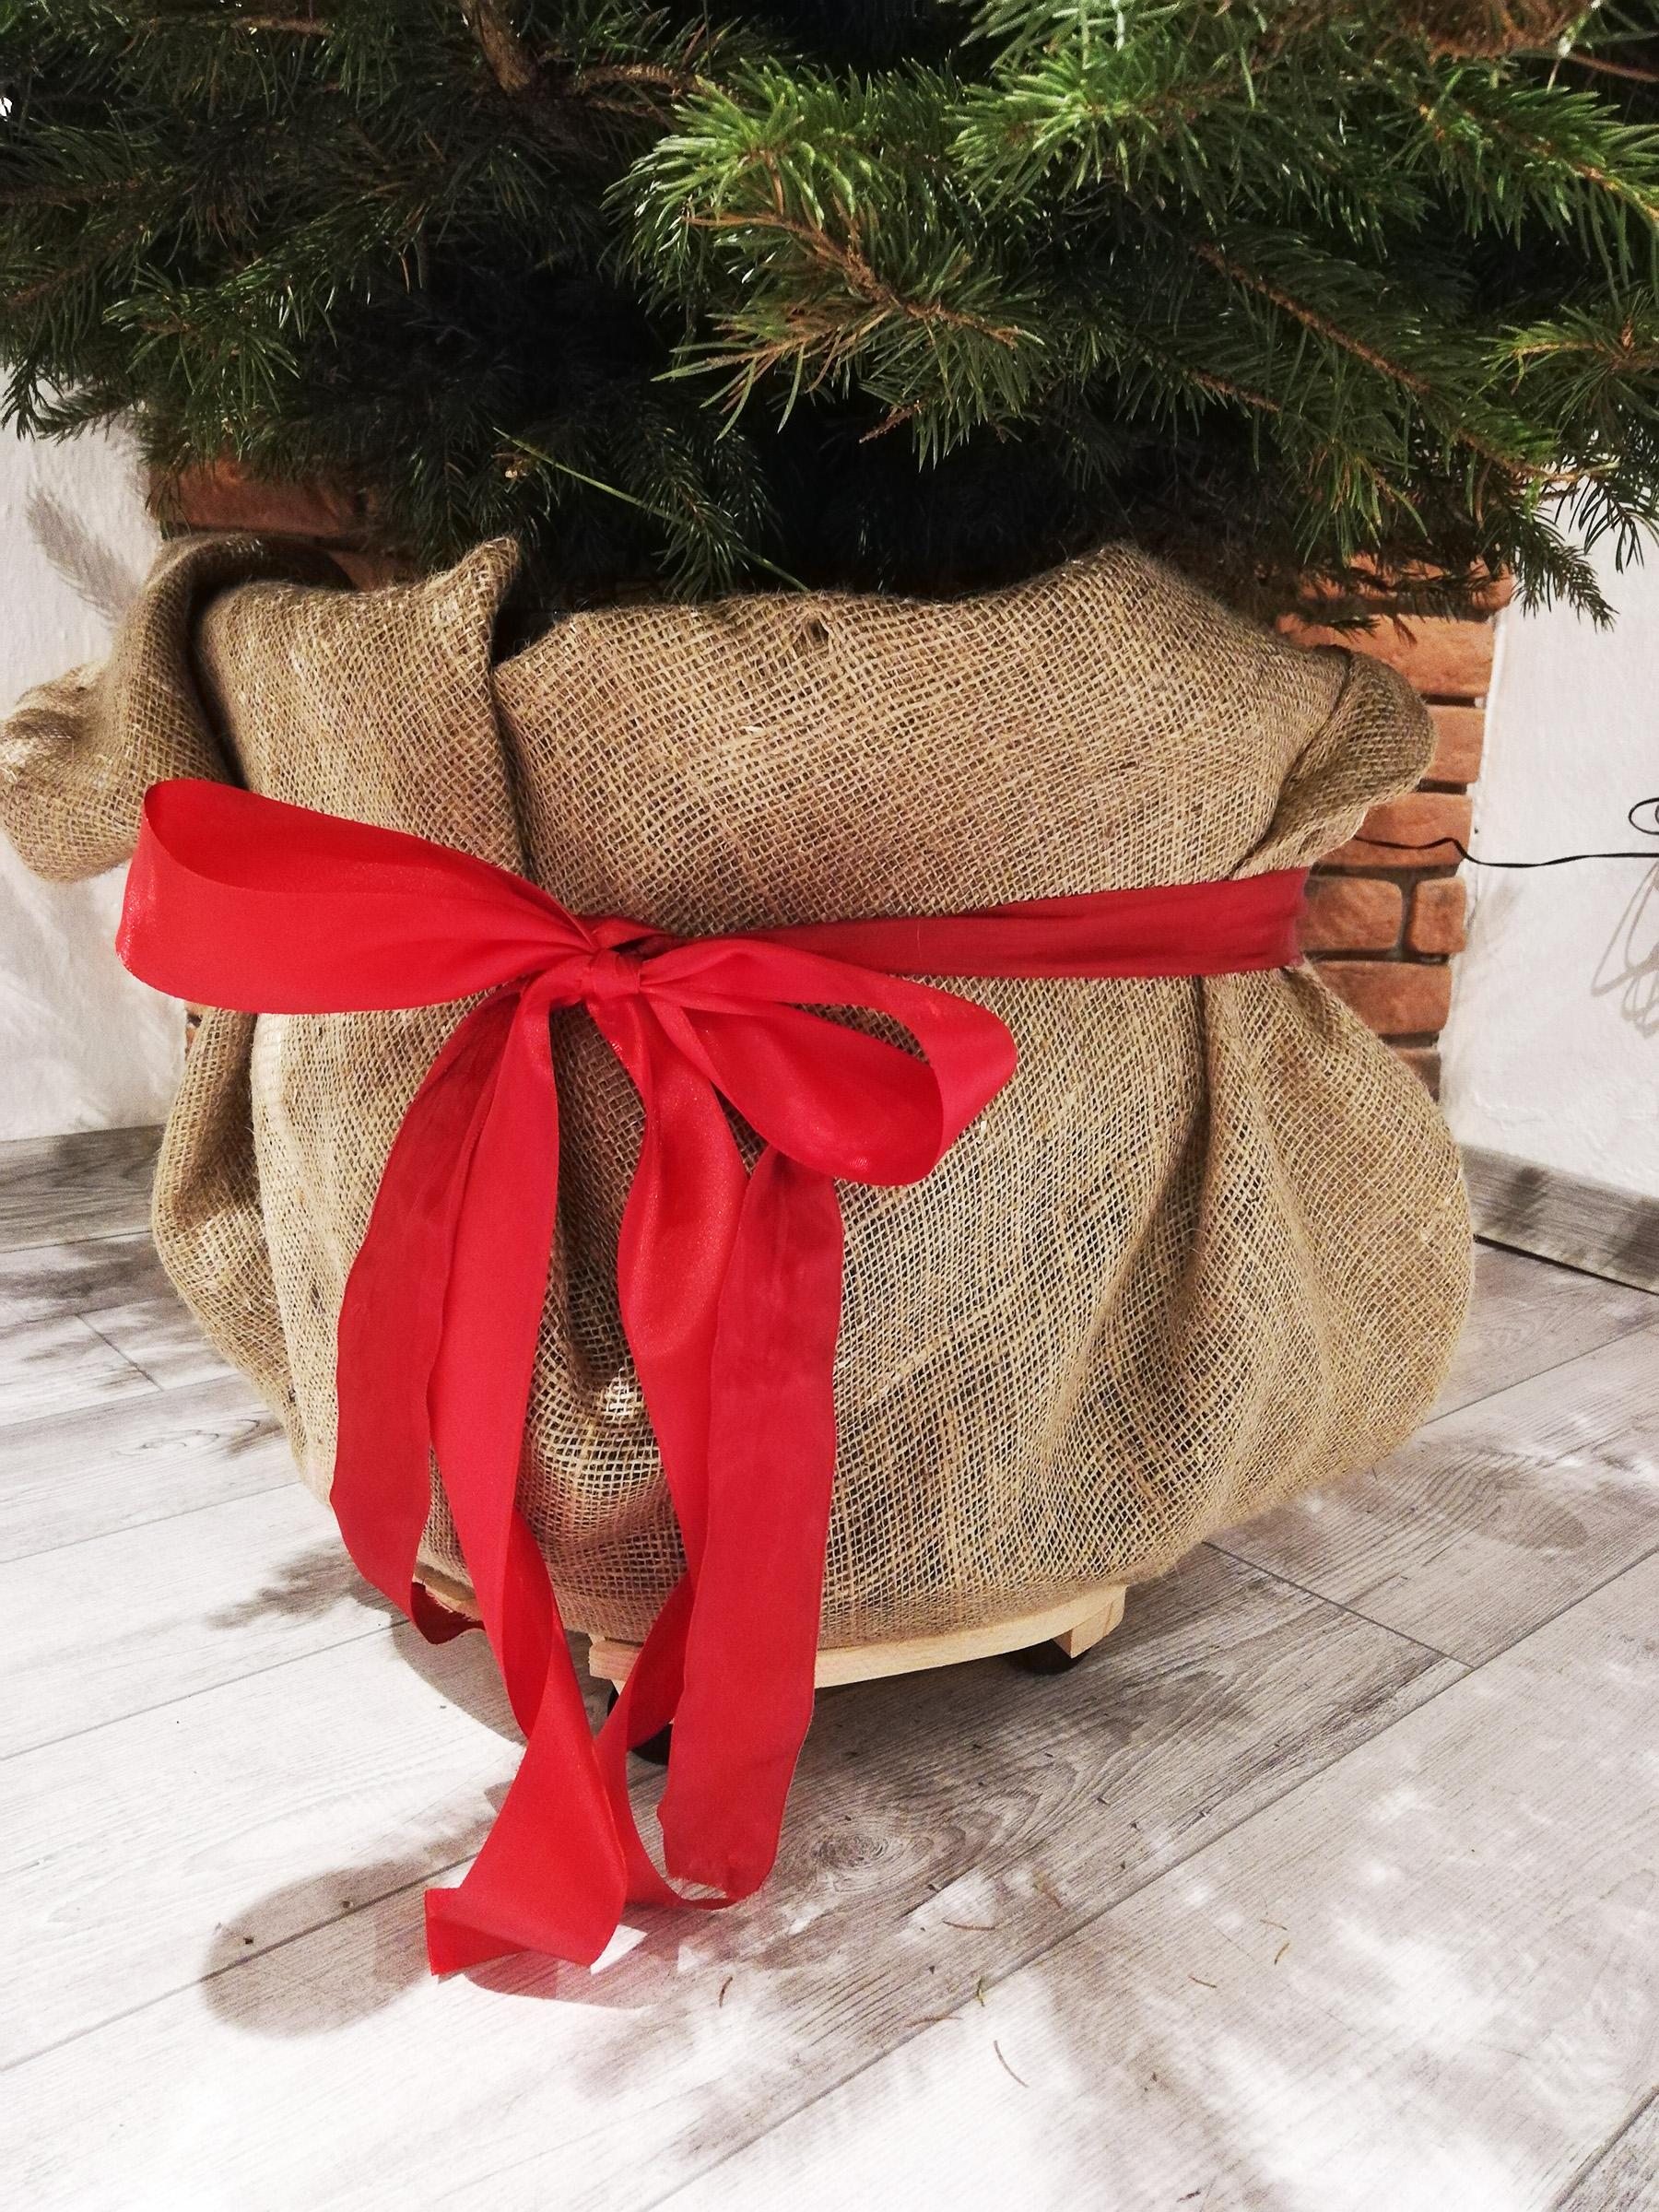 Objednaj ozdobné balenie kýbla pre svoj živý vianočný stromček